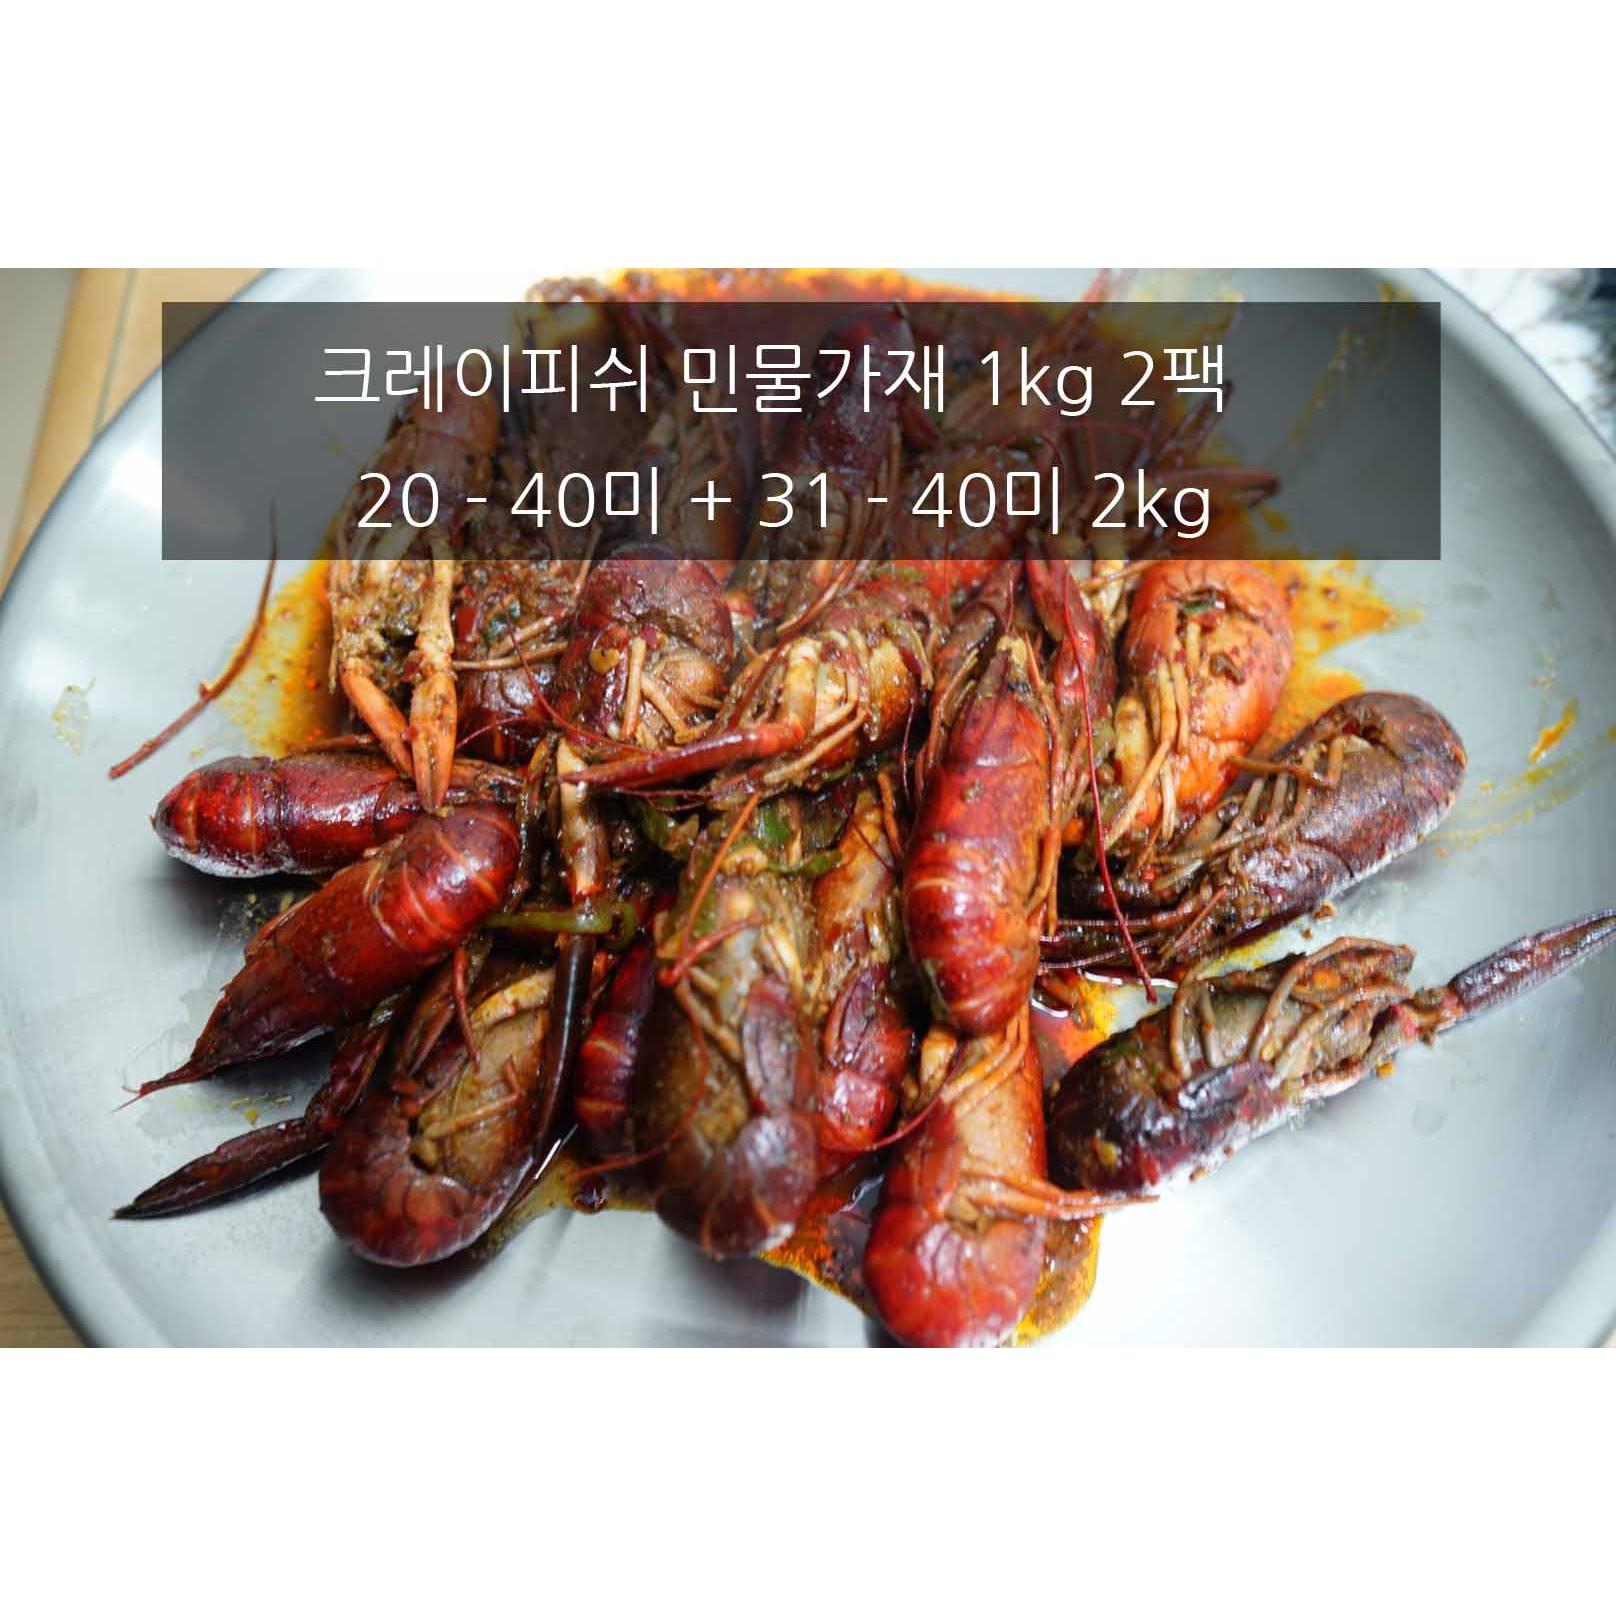 랩쿡 크레이피쉬 민물가재 2kg 21-30미 + 31-40미 + 소스 포함